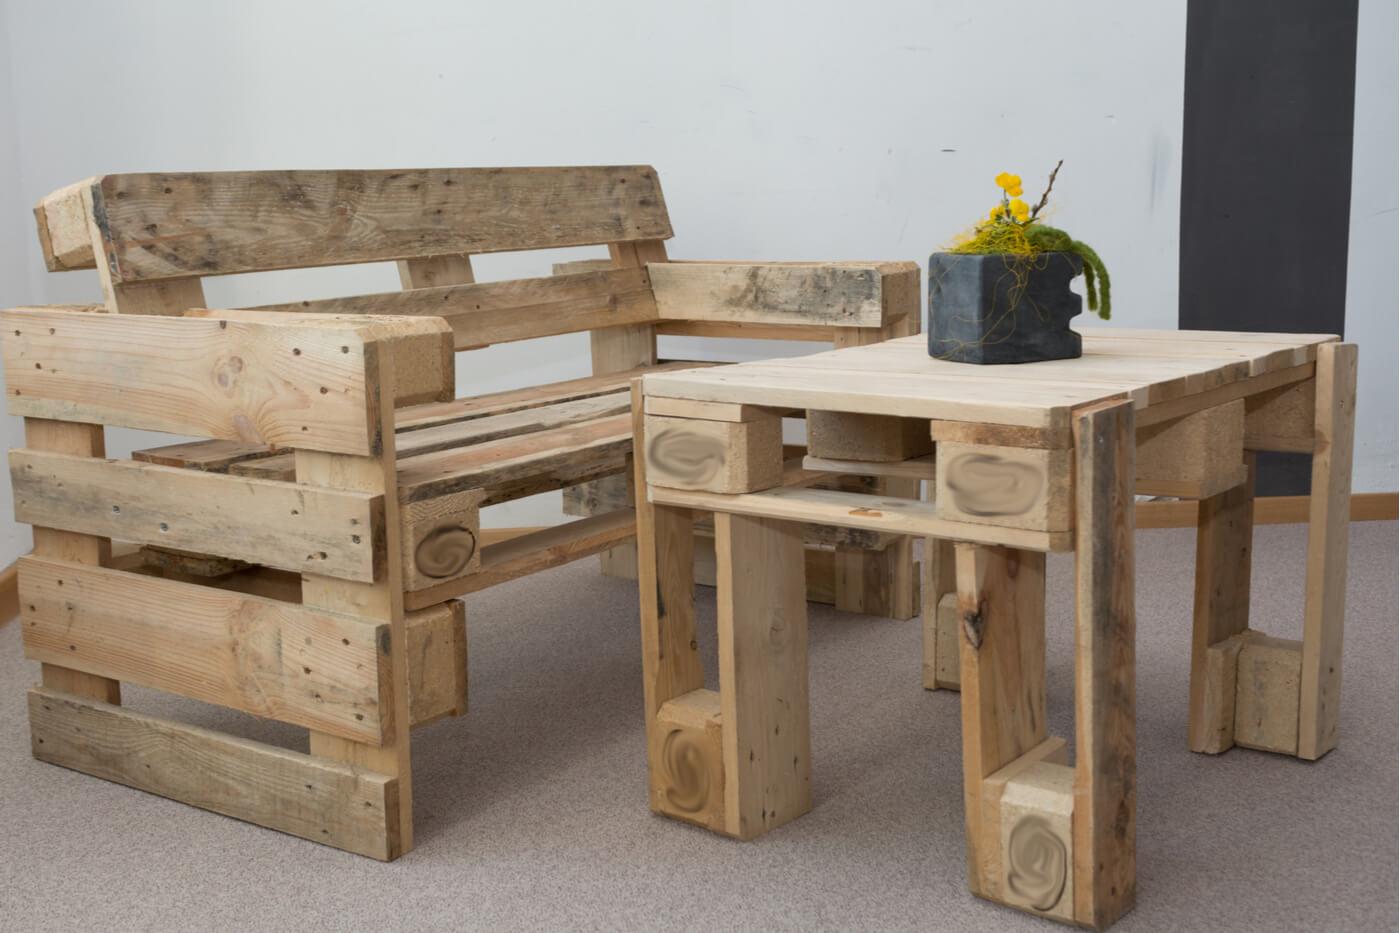 Cómo realizar una mesa con palés de madera